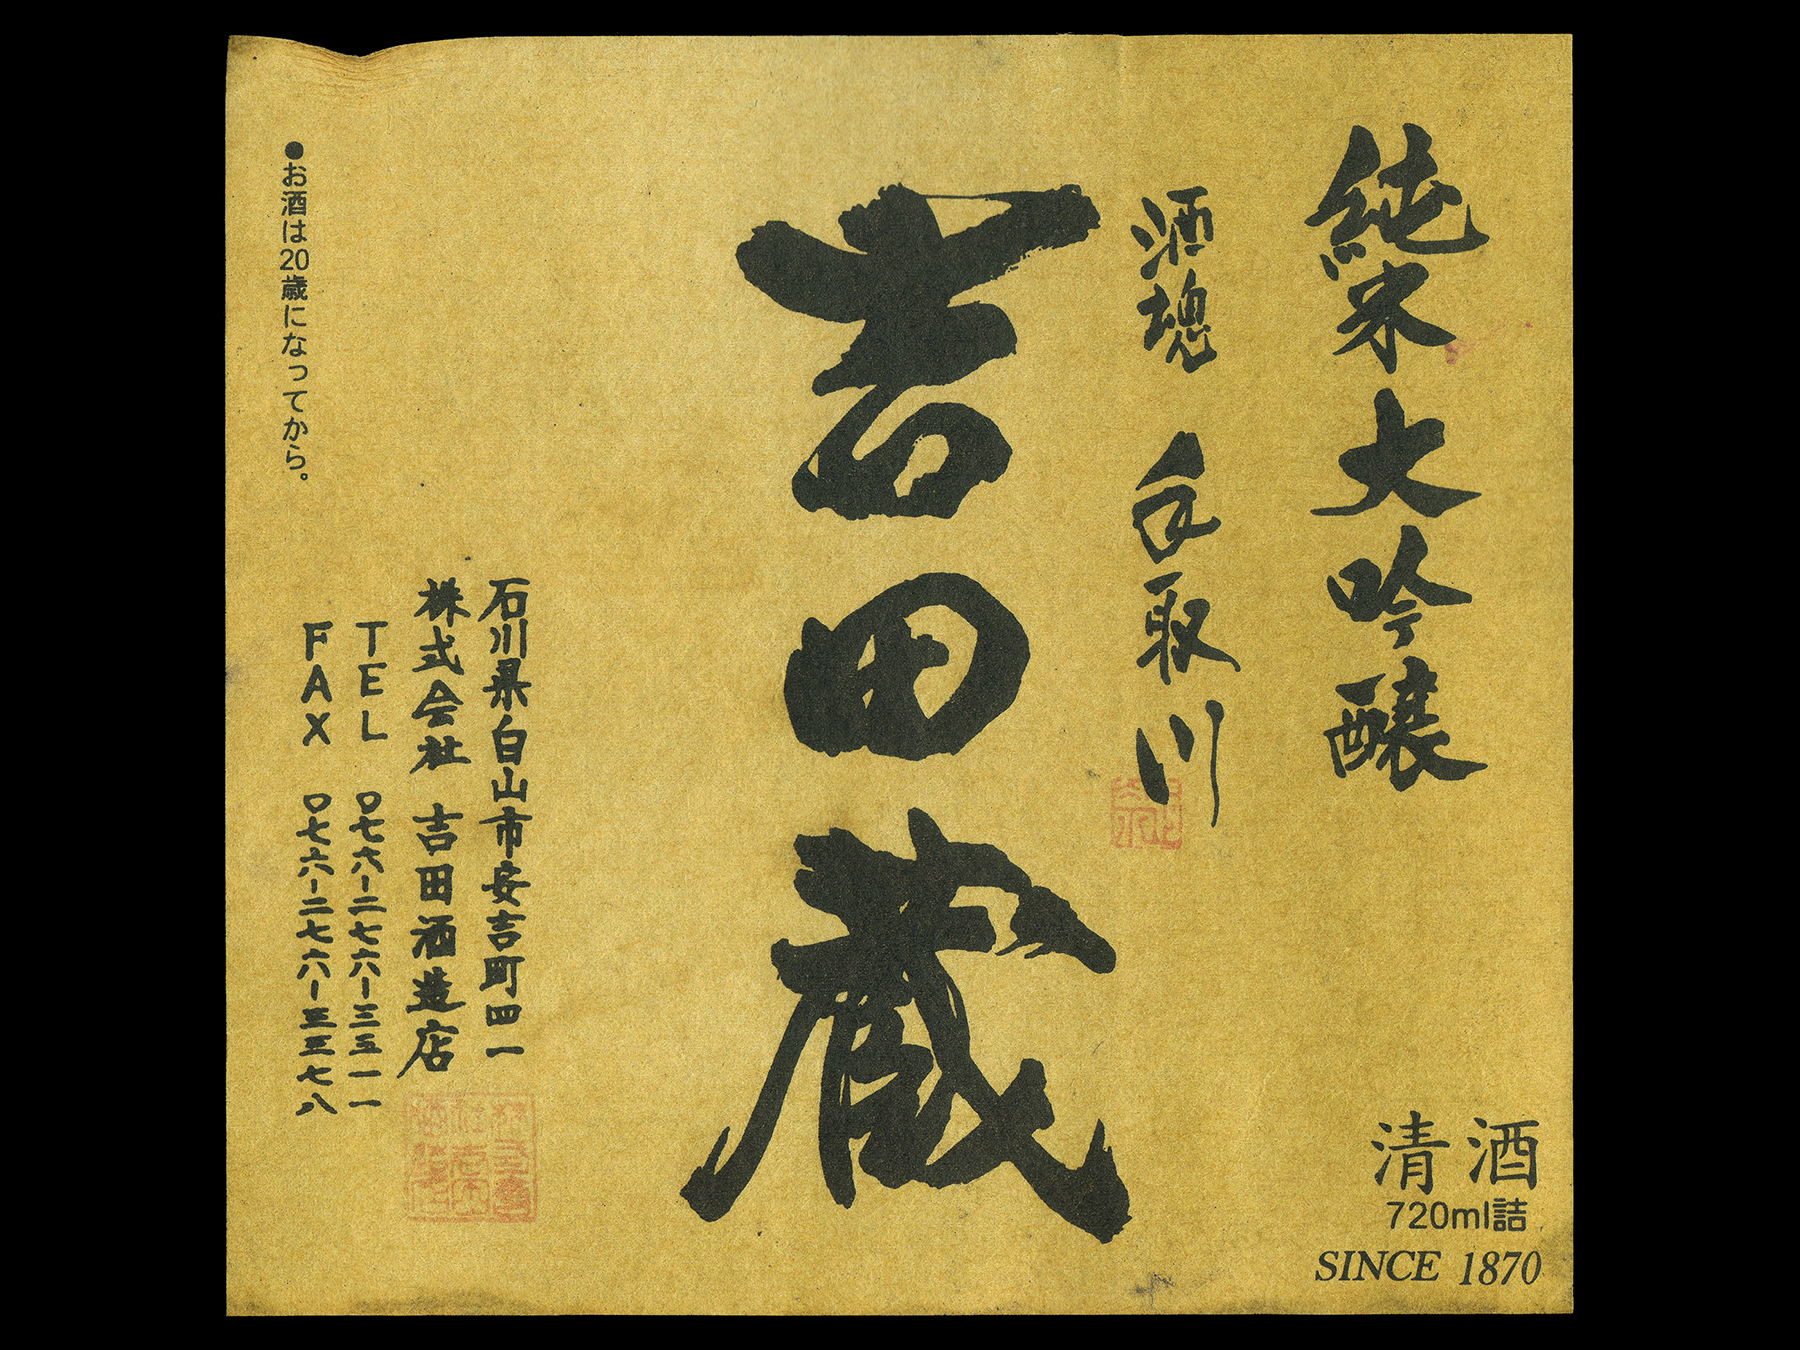 手取川(てどりがわ)「純米大吟醸」吉田蔵 無濾過生原酒ラベル